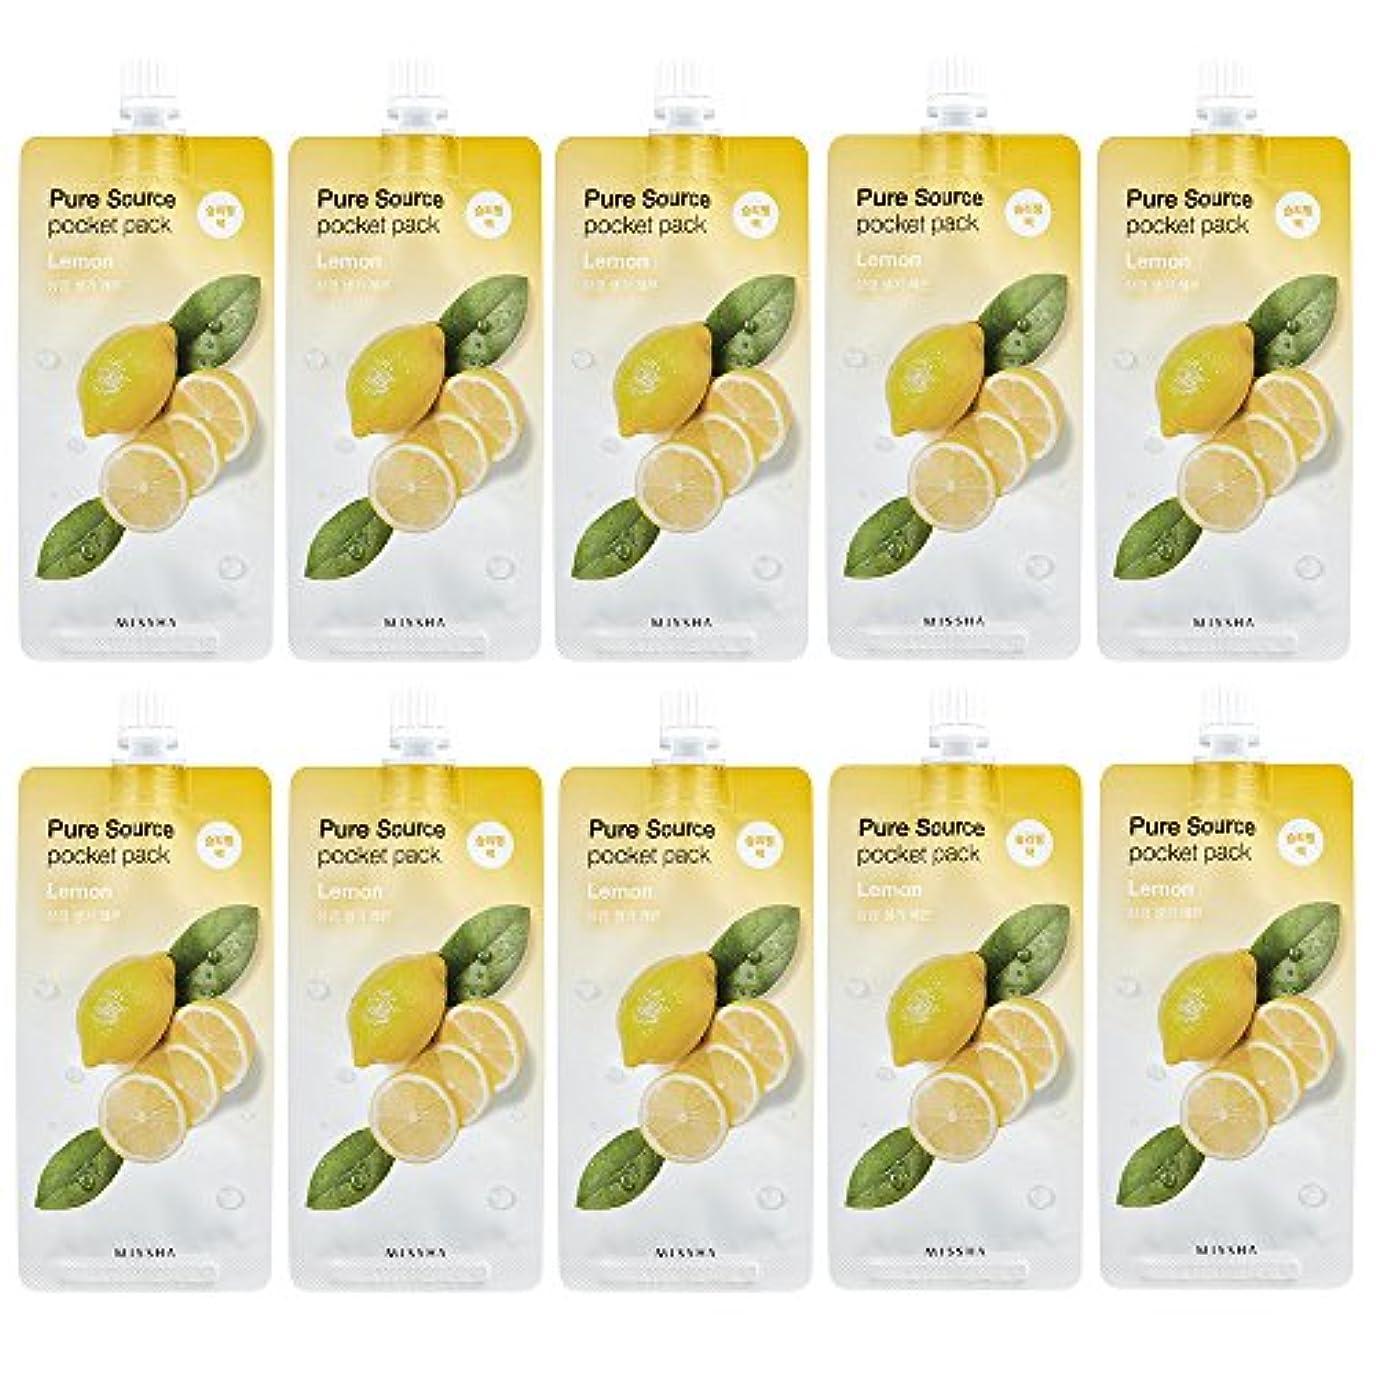 免除するシソーラス圧縮されたミシャ ピュア ソース ポケット パック 1個 レモン(スリーピングパック)